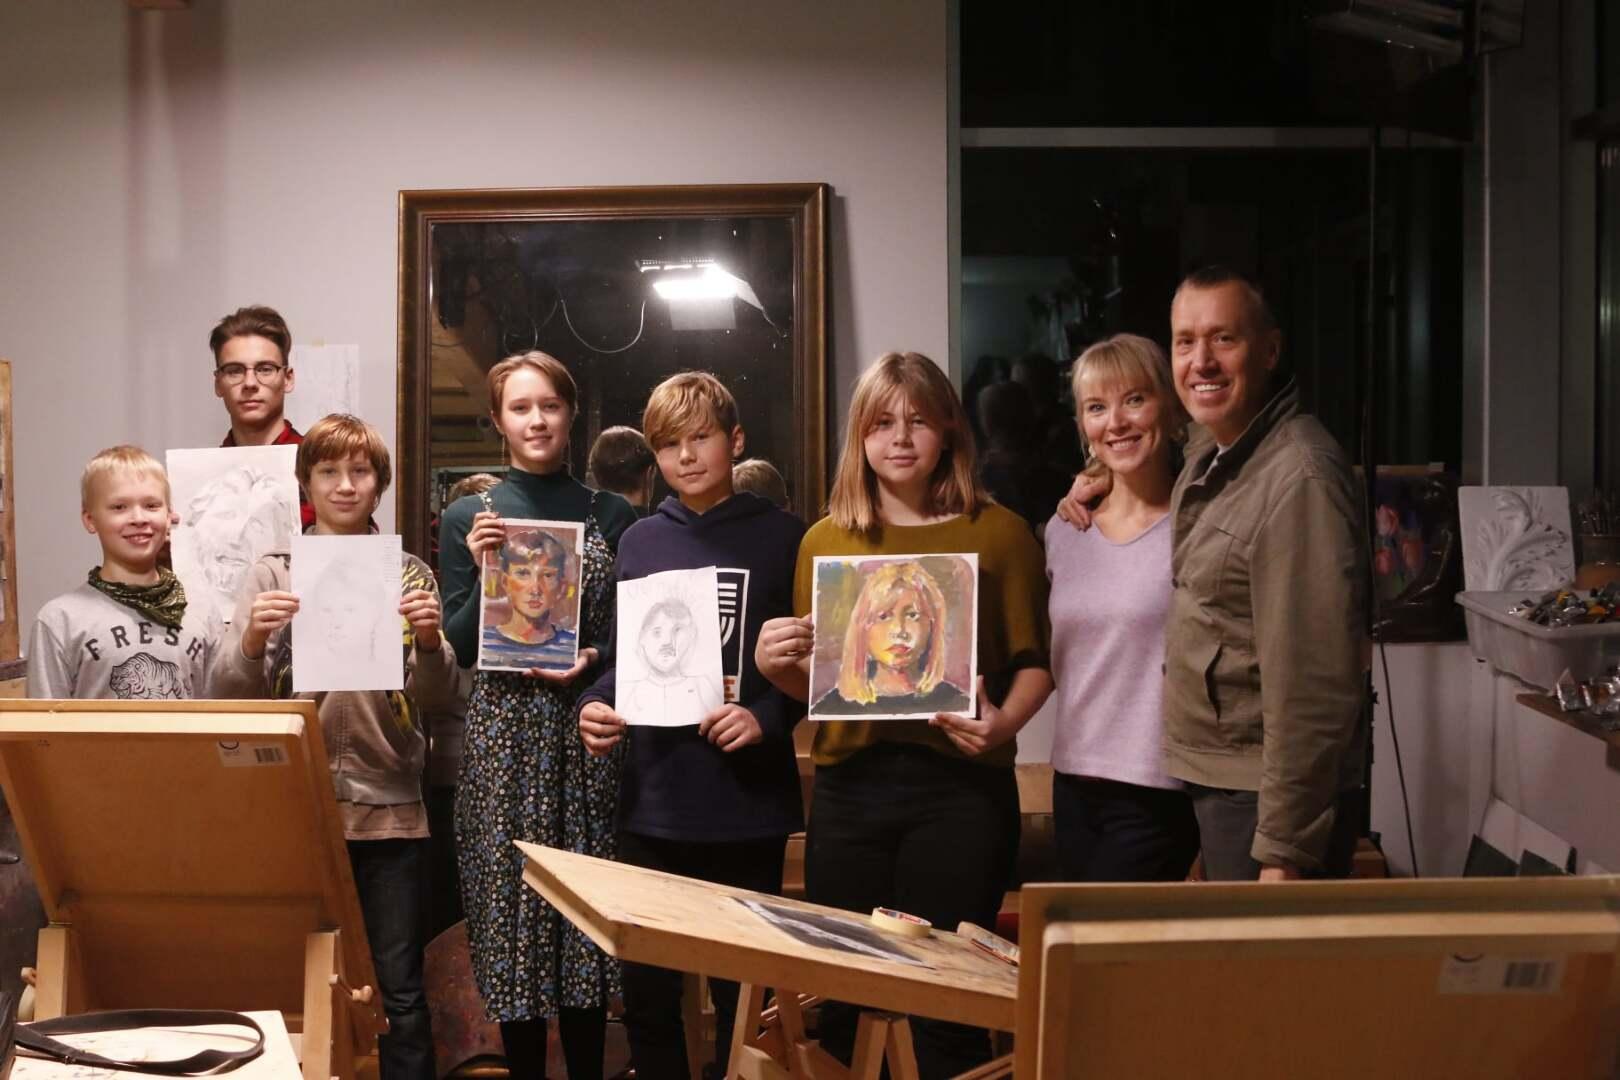 Lastekunstikooli vanem rühm novembris II